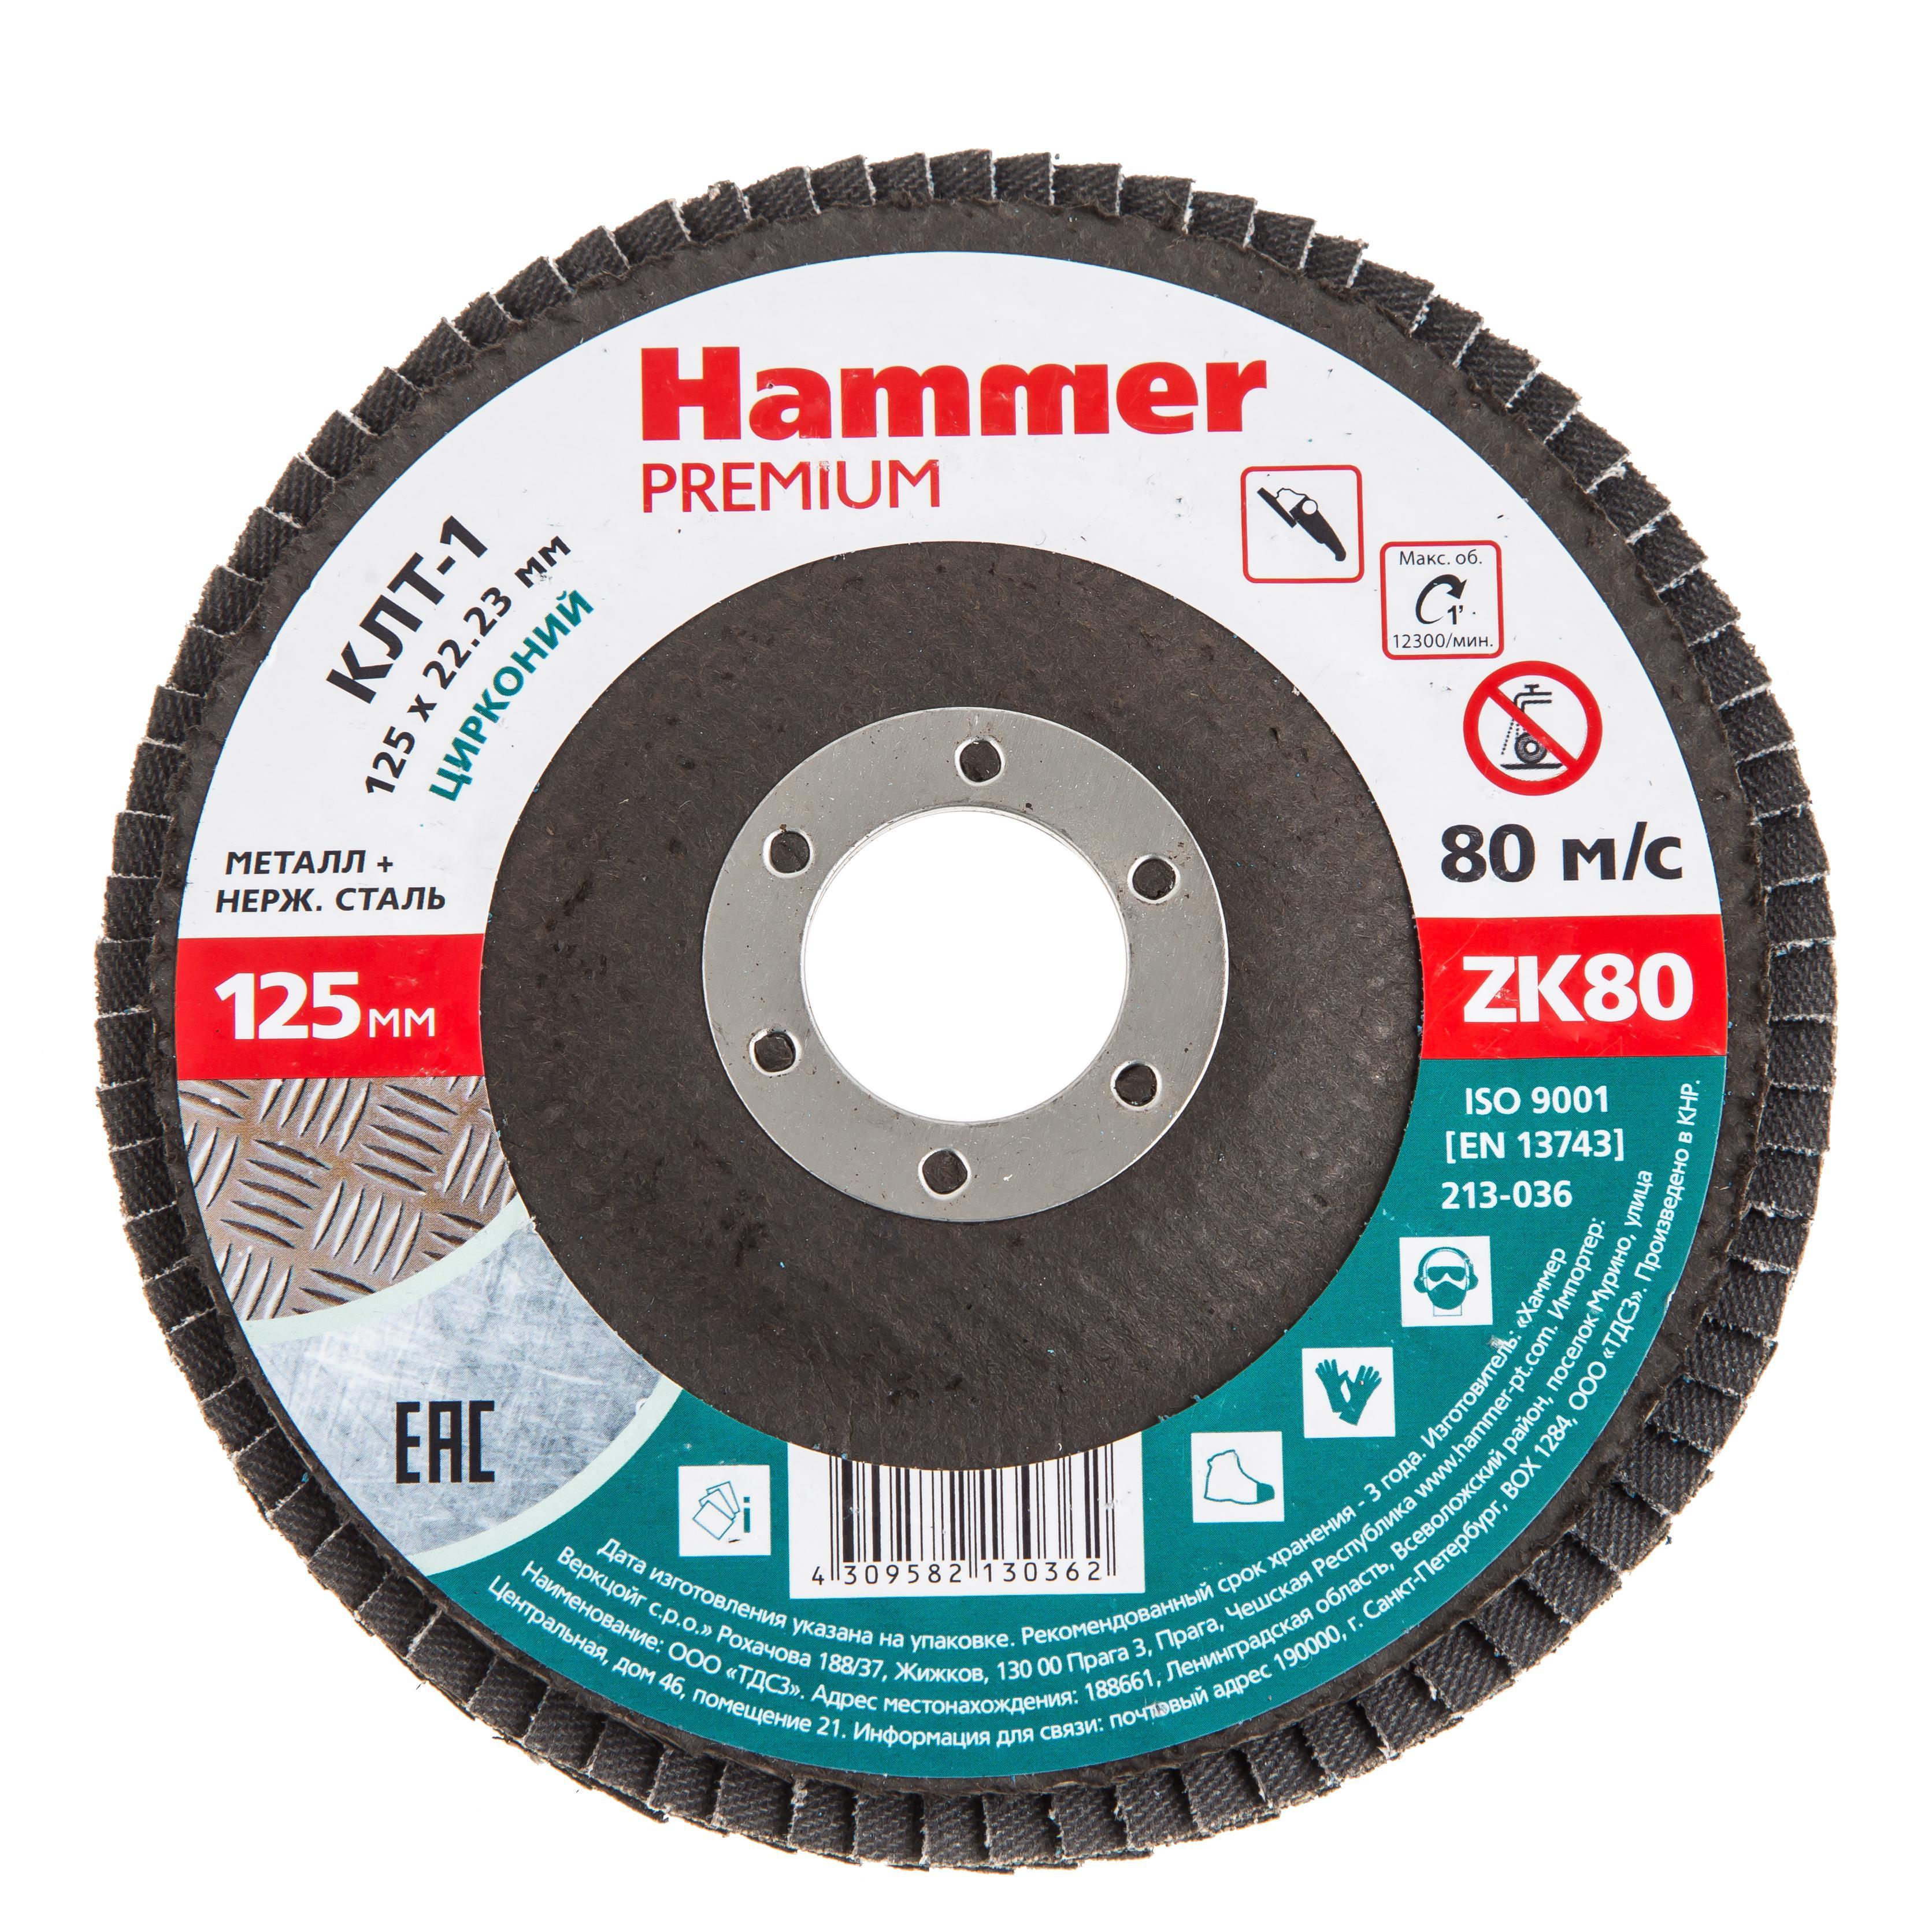 Купить Круг Лепестковый Торцевой (КЛТ) Hammer Ф125х22 p80